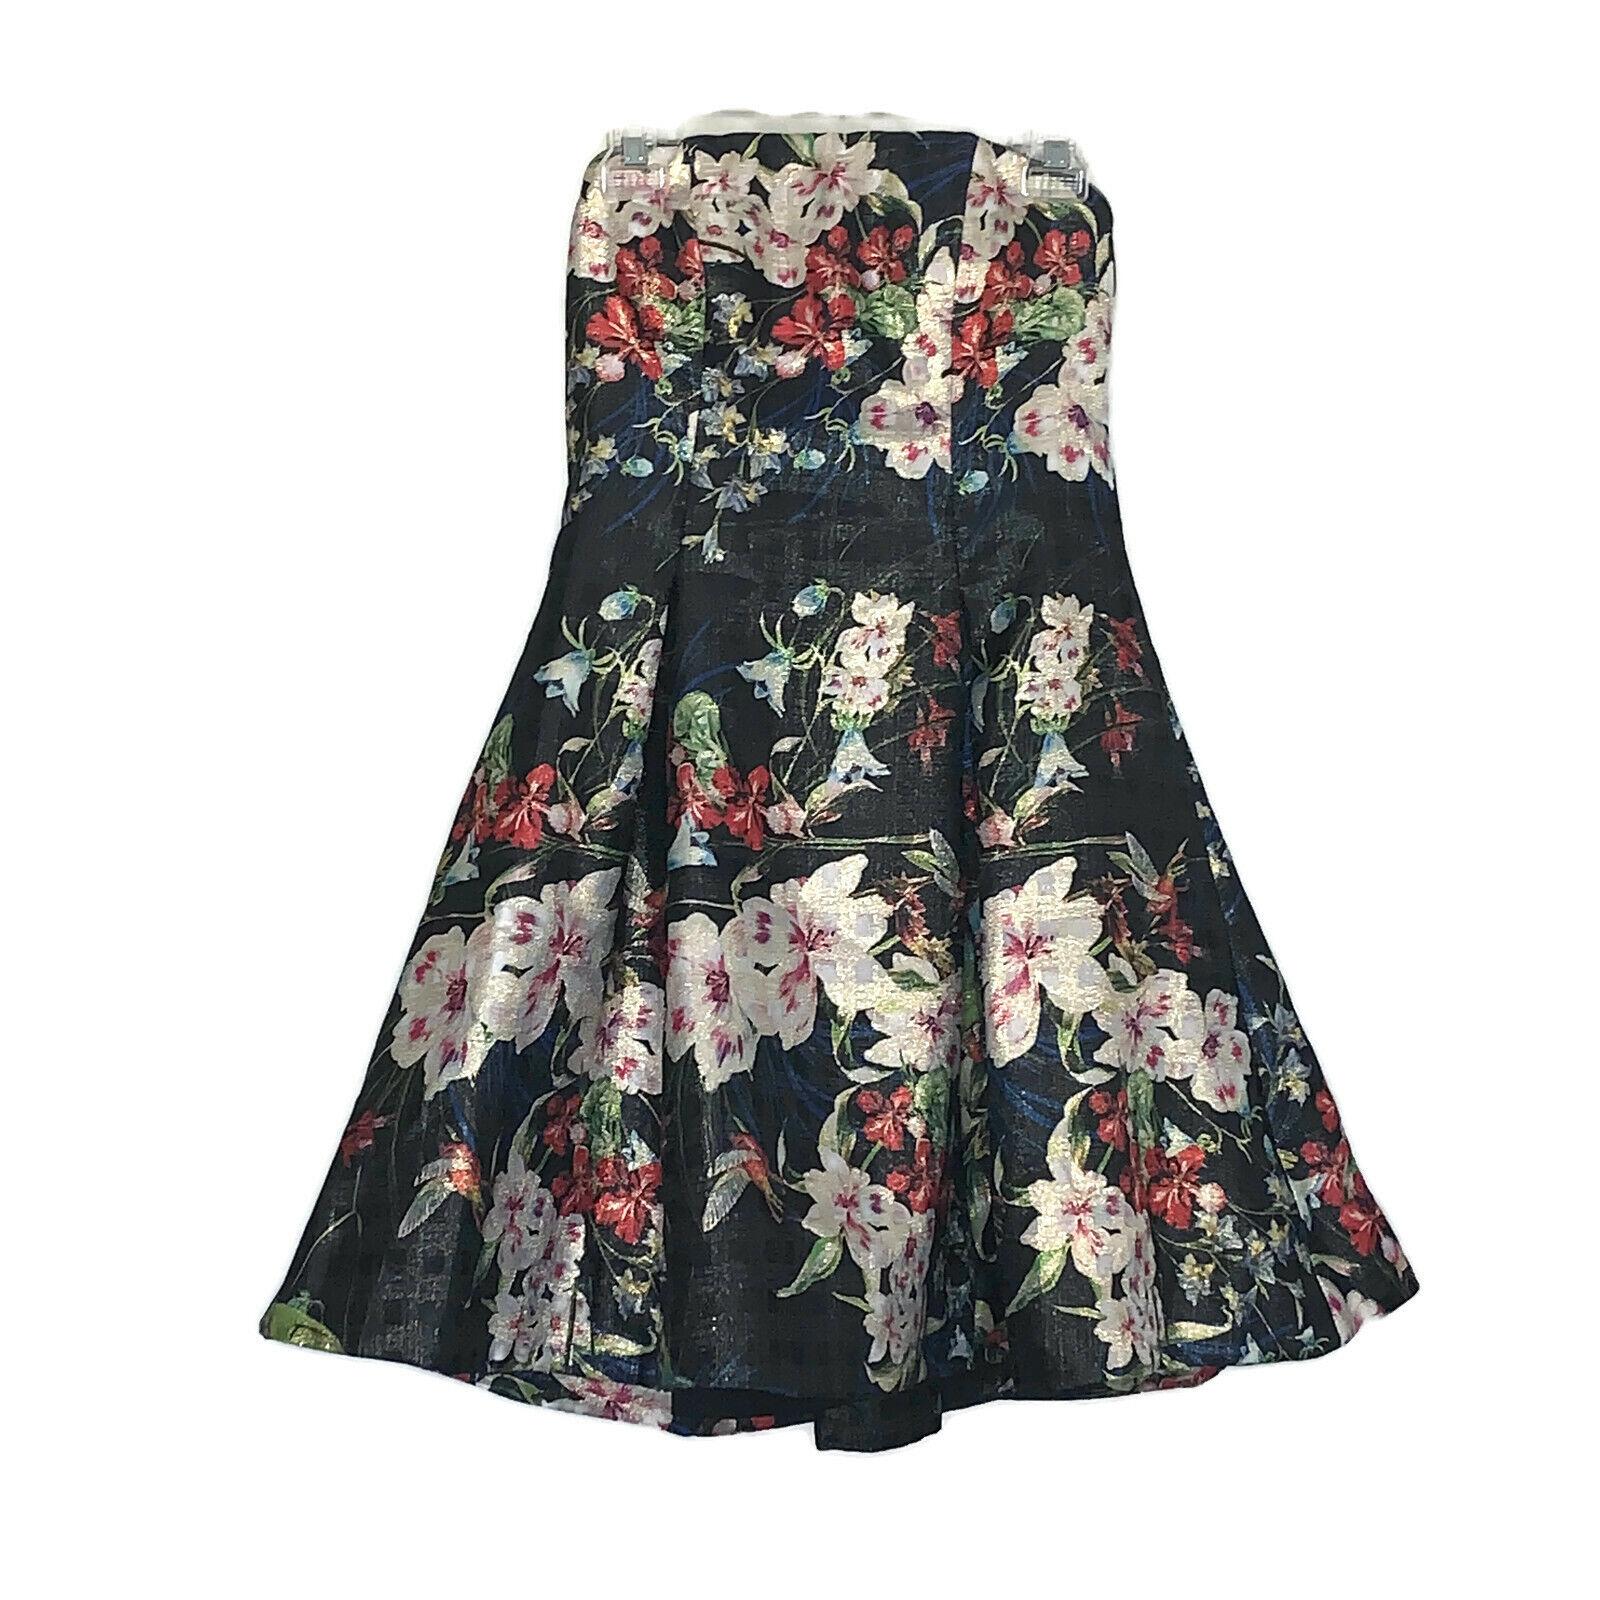 NICOLE MILLER Designer Dress Größe Small 8 schwarz Floral Strapless Midi Party